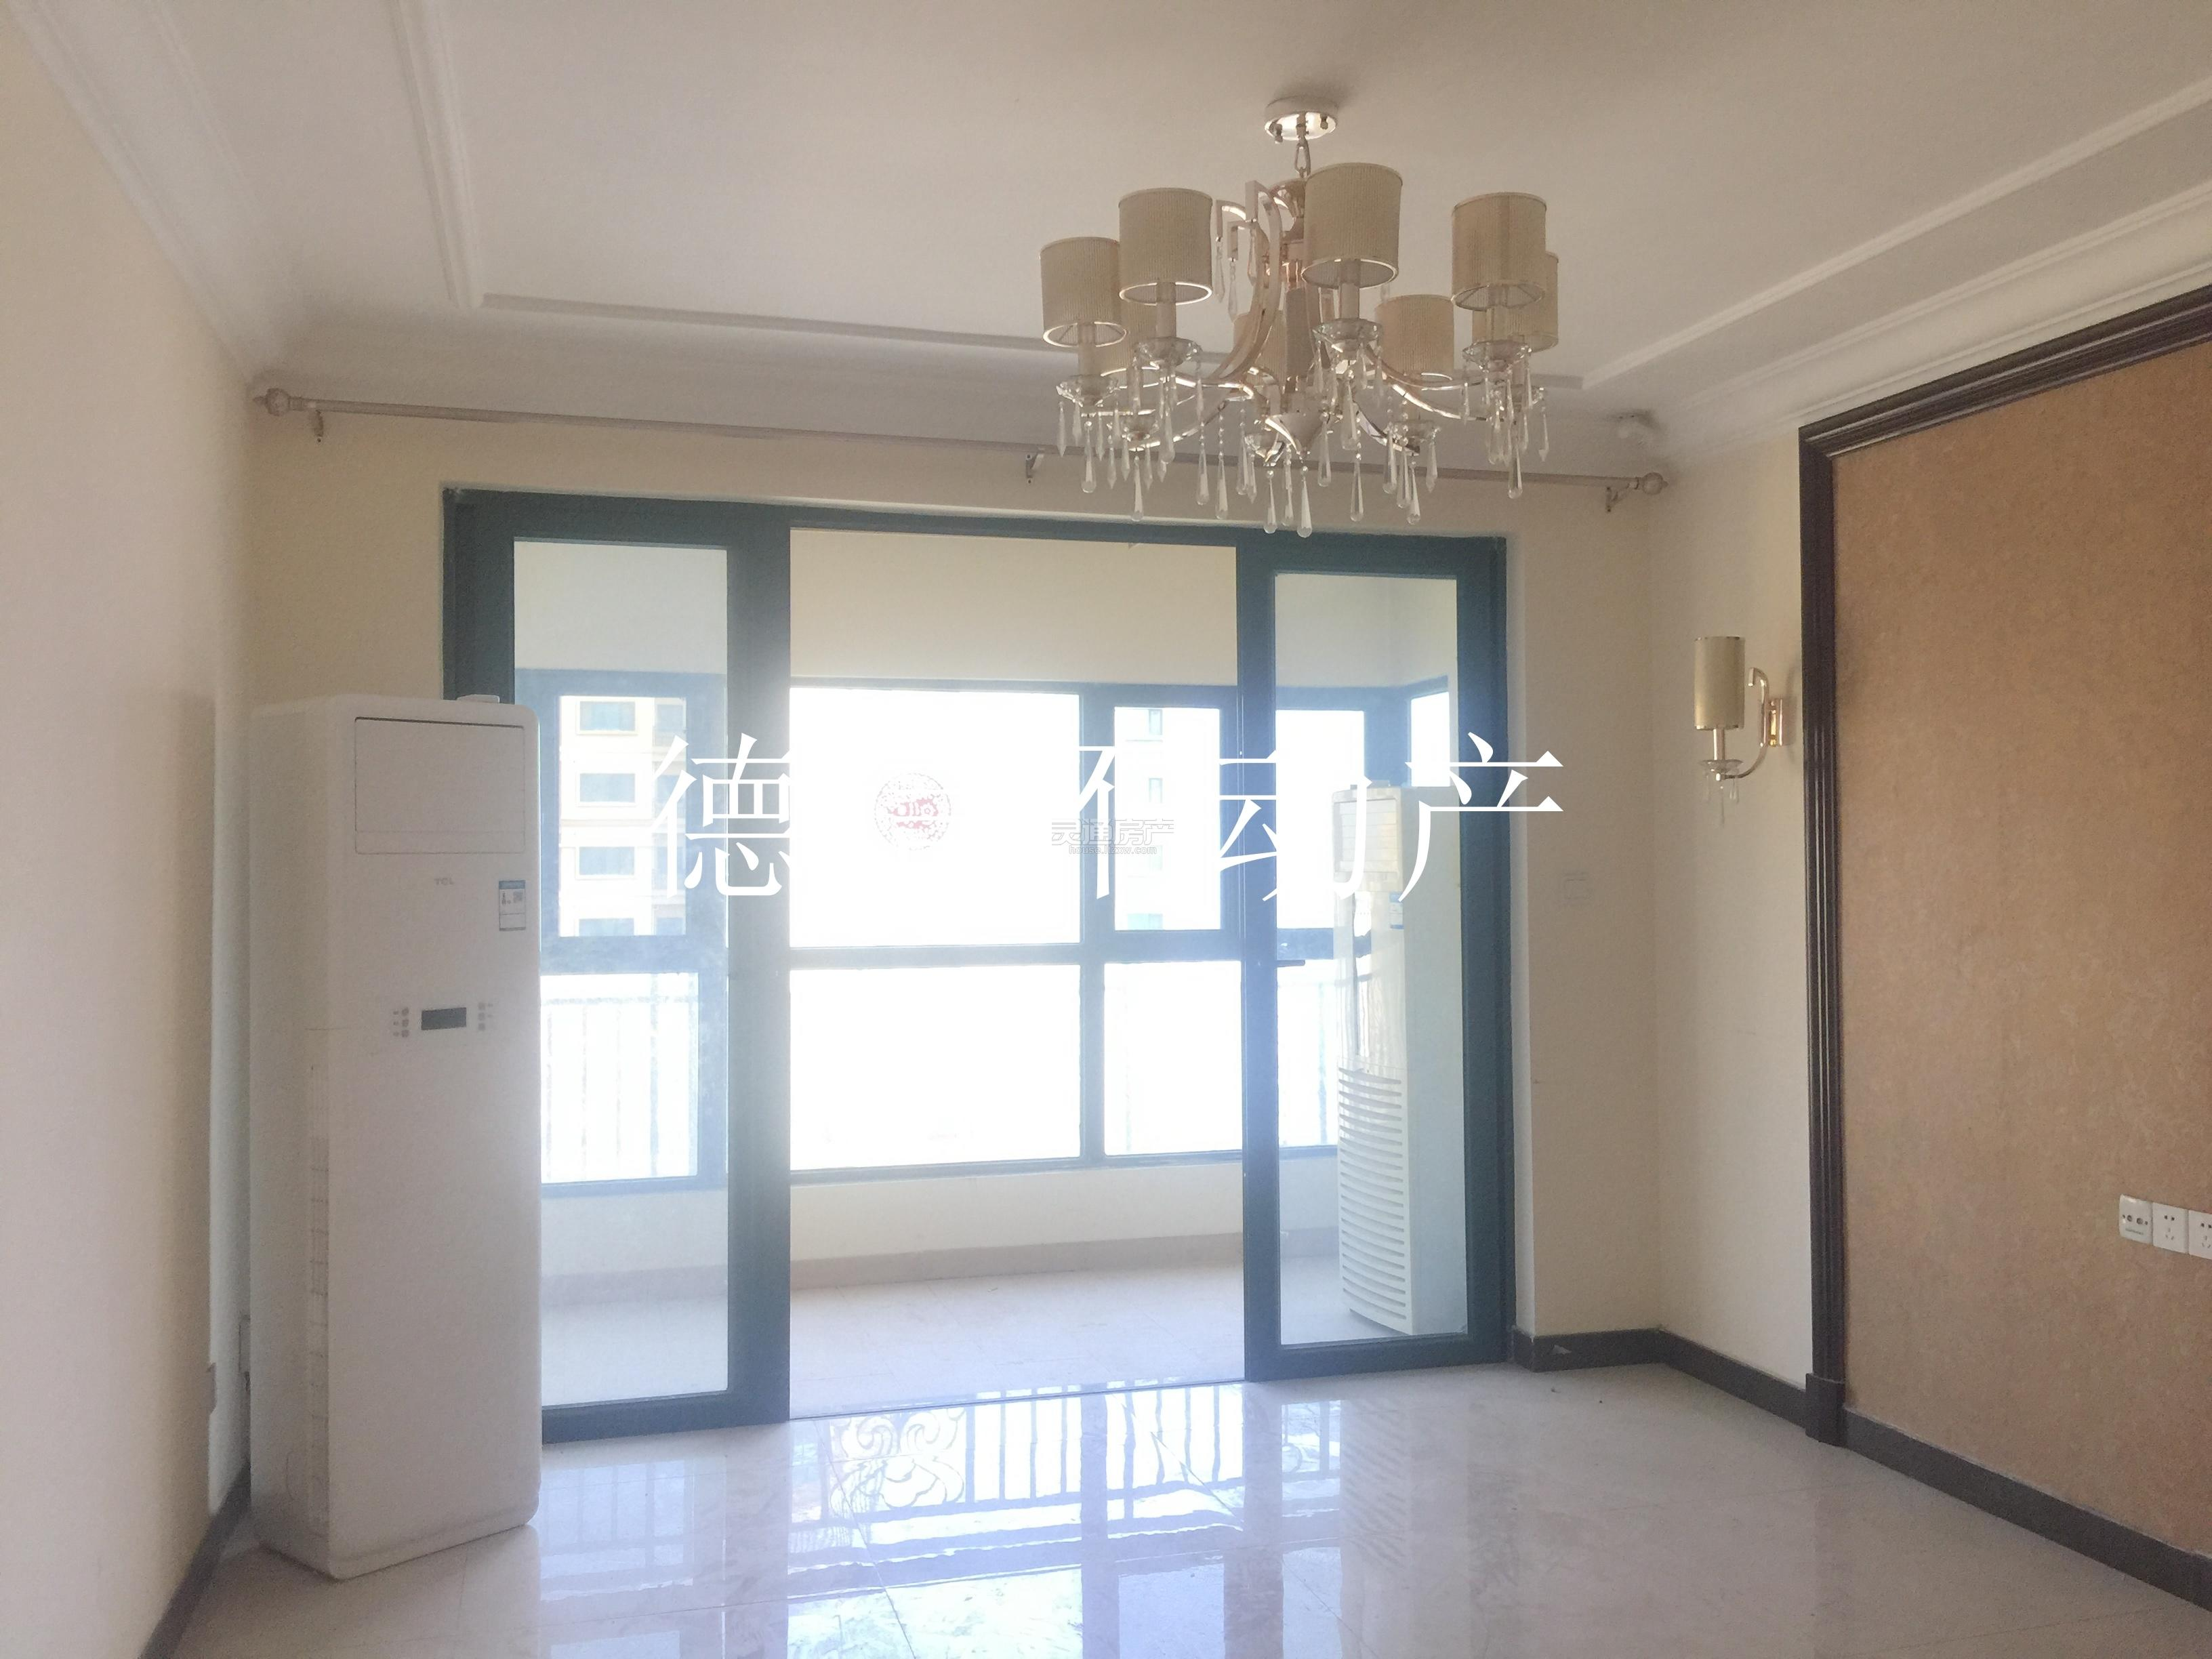 恒大绿洲 130平 三室两厅 适合办公